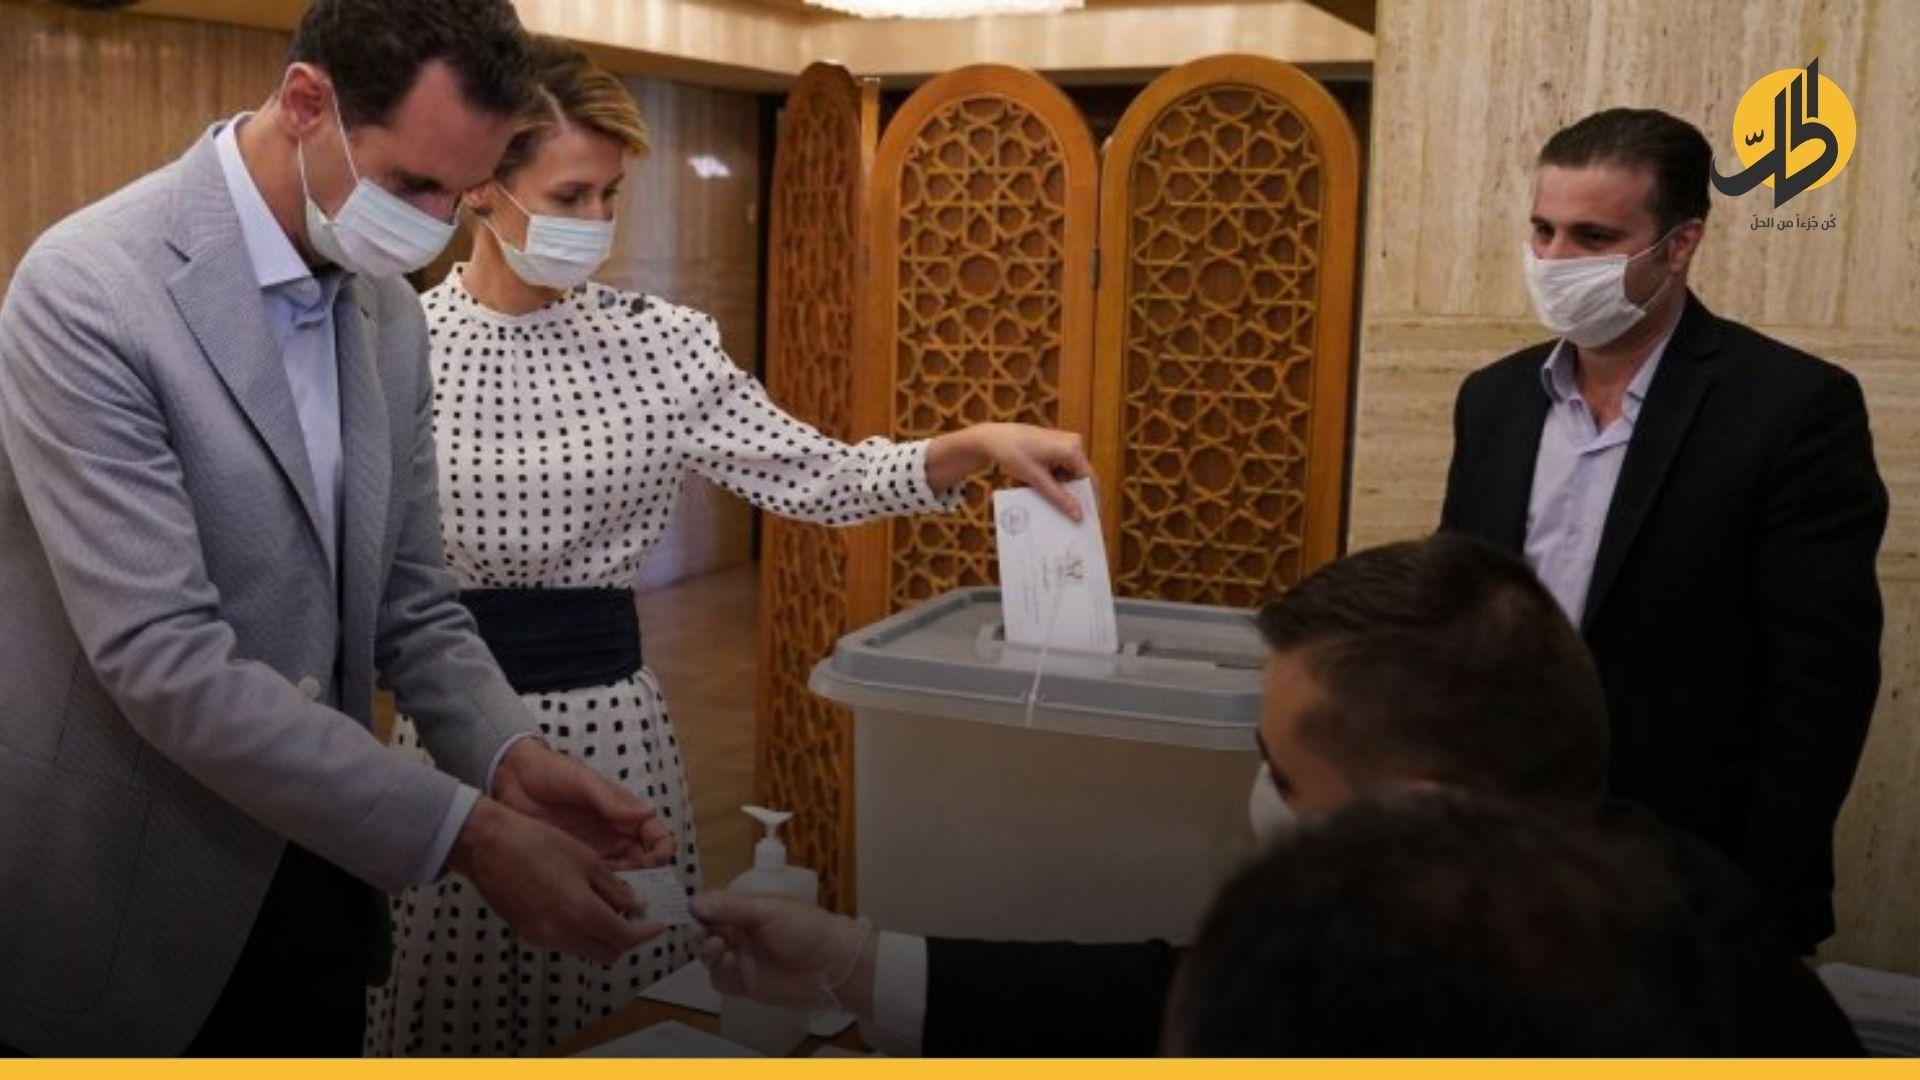 واشنطن وحلفائها الأوروبيّون يُحددون موقفهم من الانتخابات الرئاسيّة في سوريا